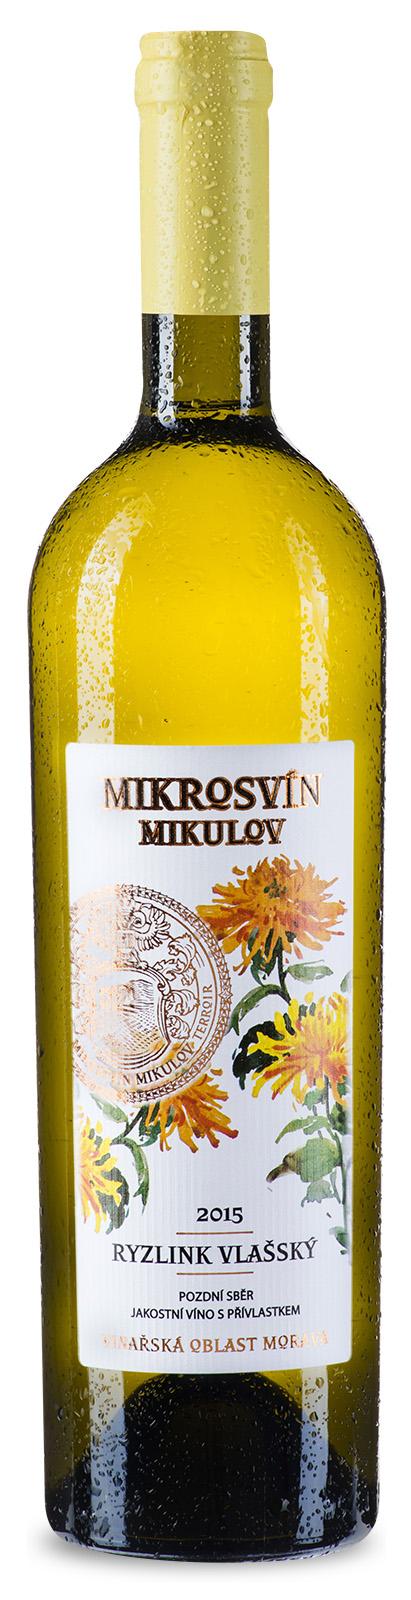 Mikrosvín Mikulov Ryzlink vlašský 2015